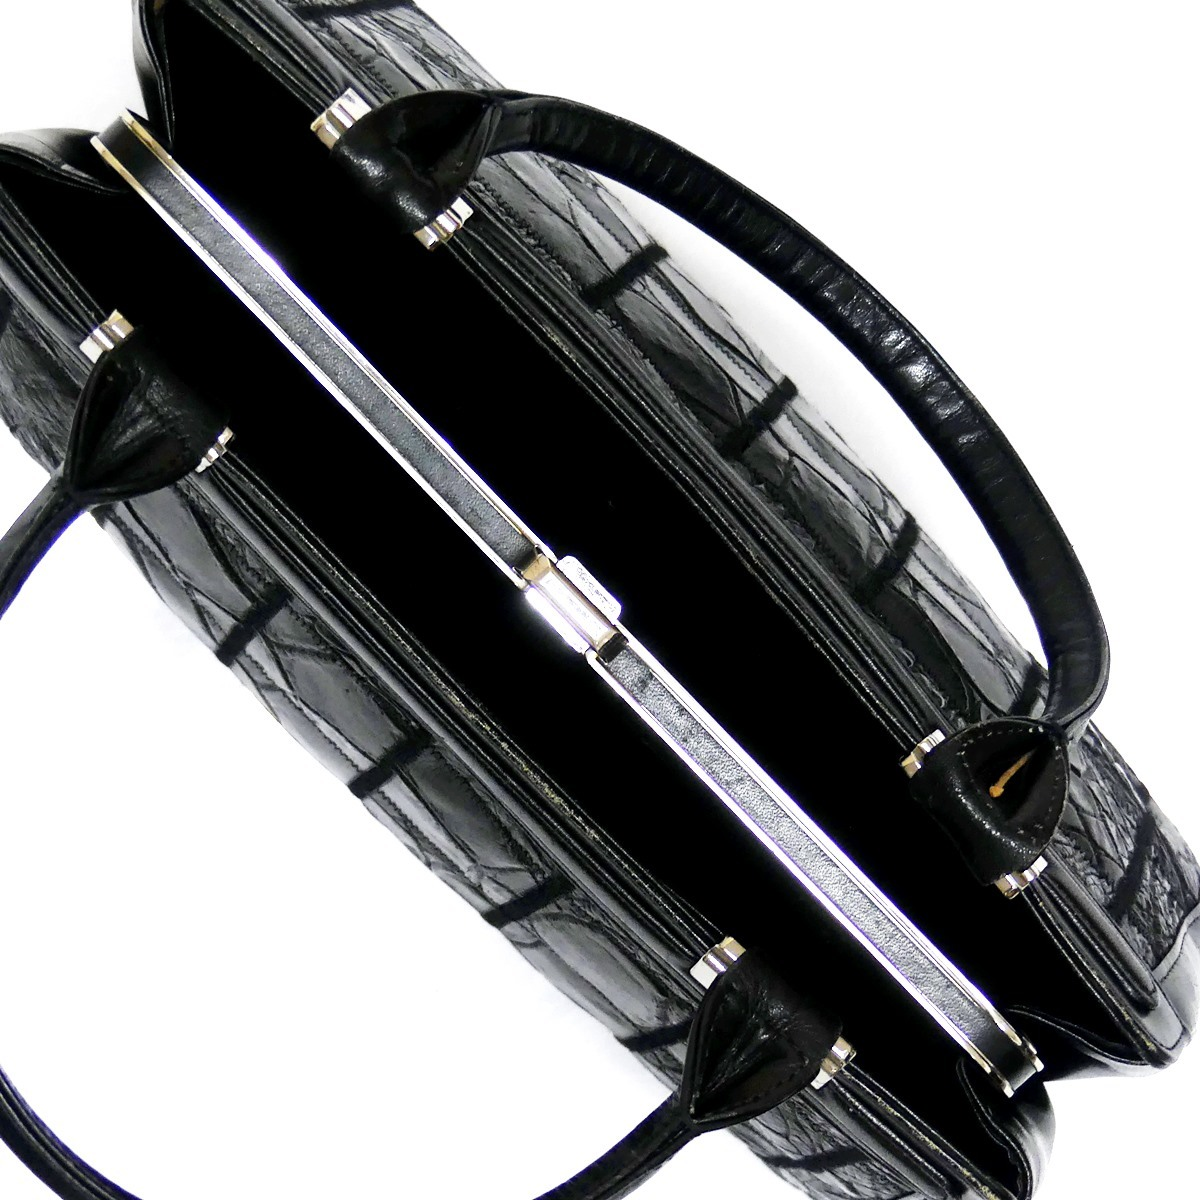 即決★N.B.★レザーハンドバッグ パッチワーク クロコ型押し メンズ 黒 本革 トートバッグ 本皮 かばん 鞄 レディース 手提げバッグ_画像7